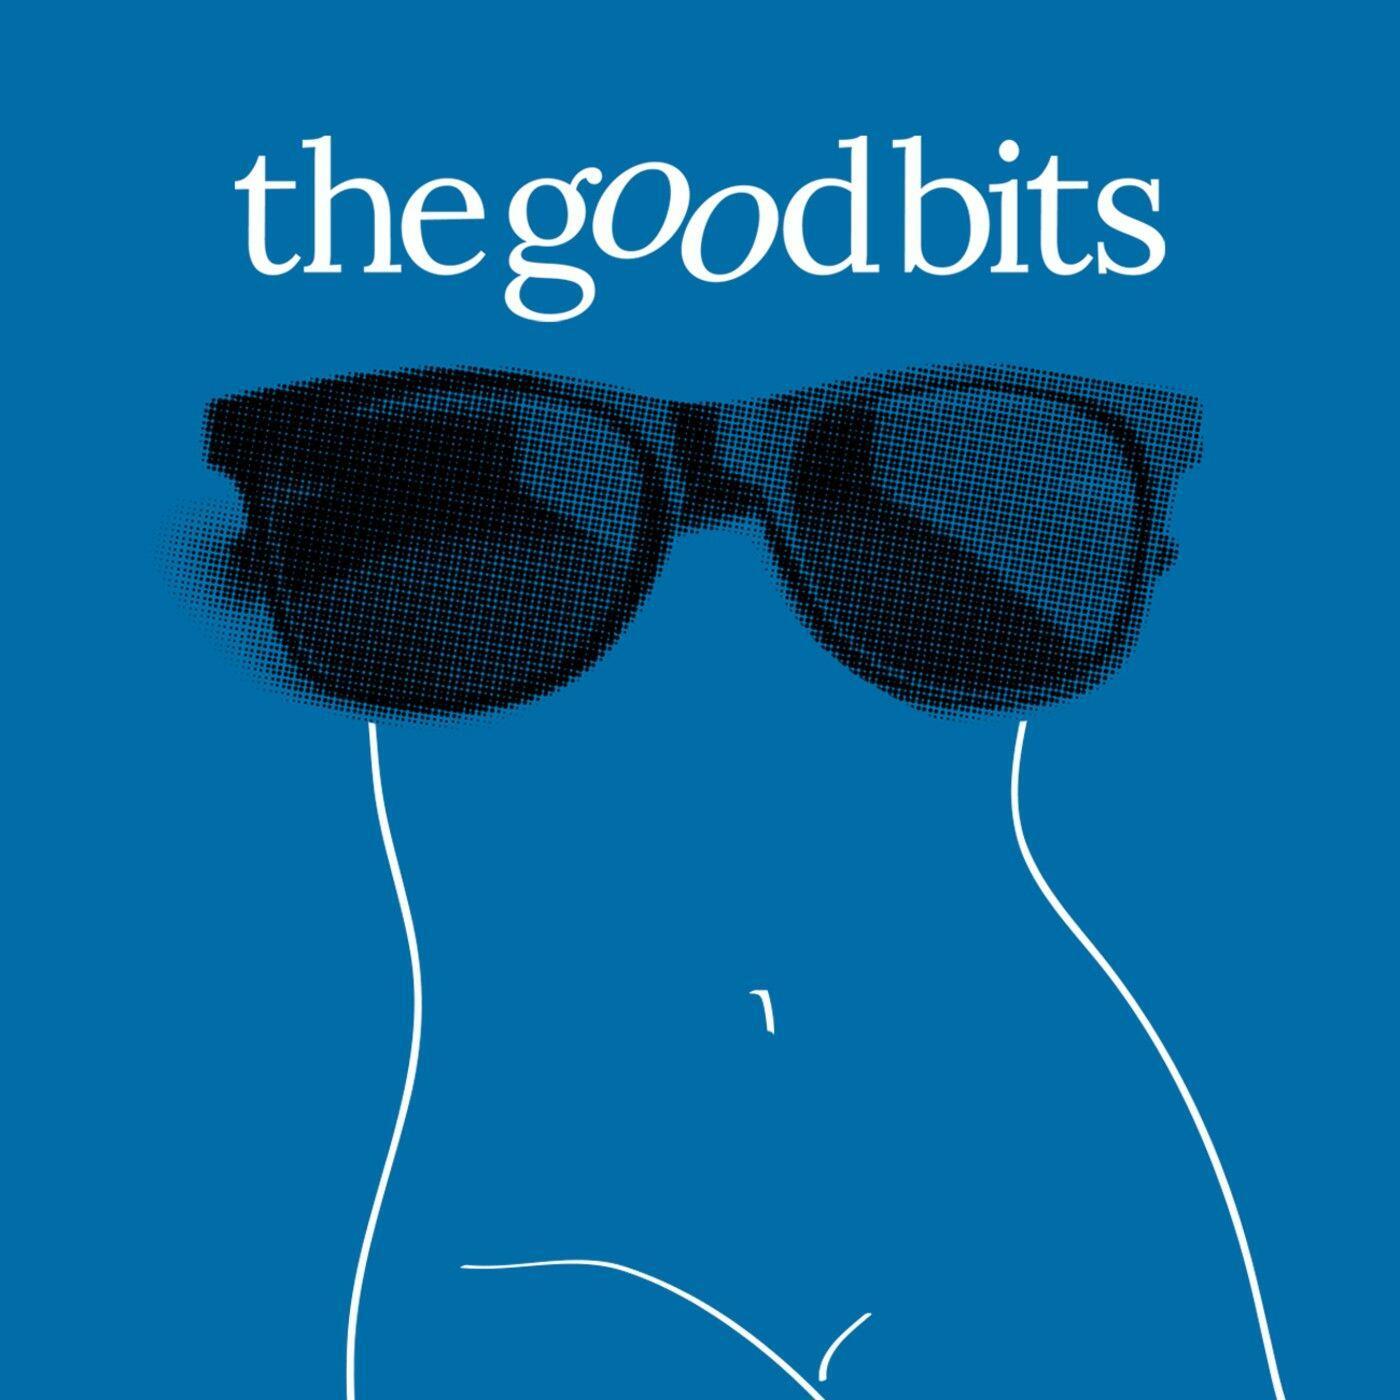 The Good Bits